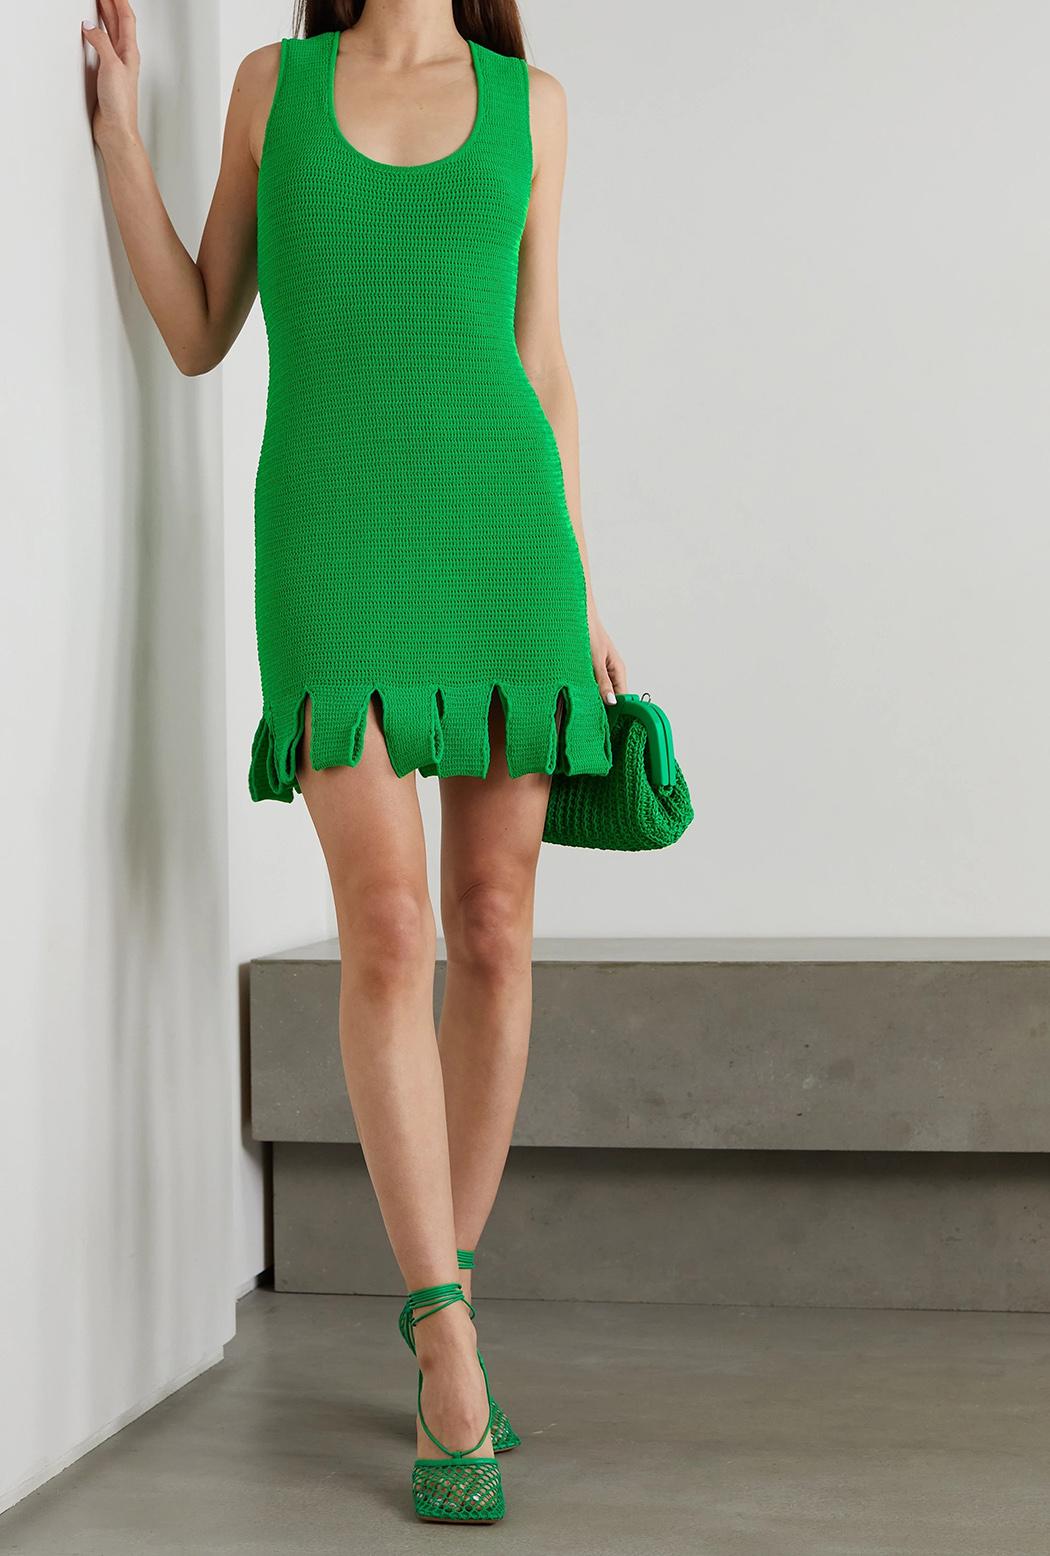 Письмо и выбор шеф-редактора Fashion Collection 4